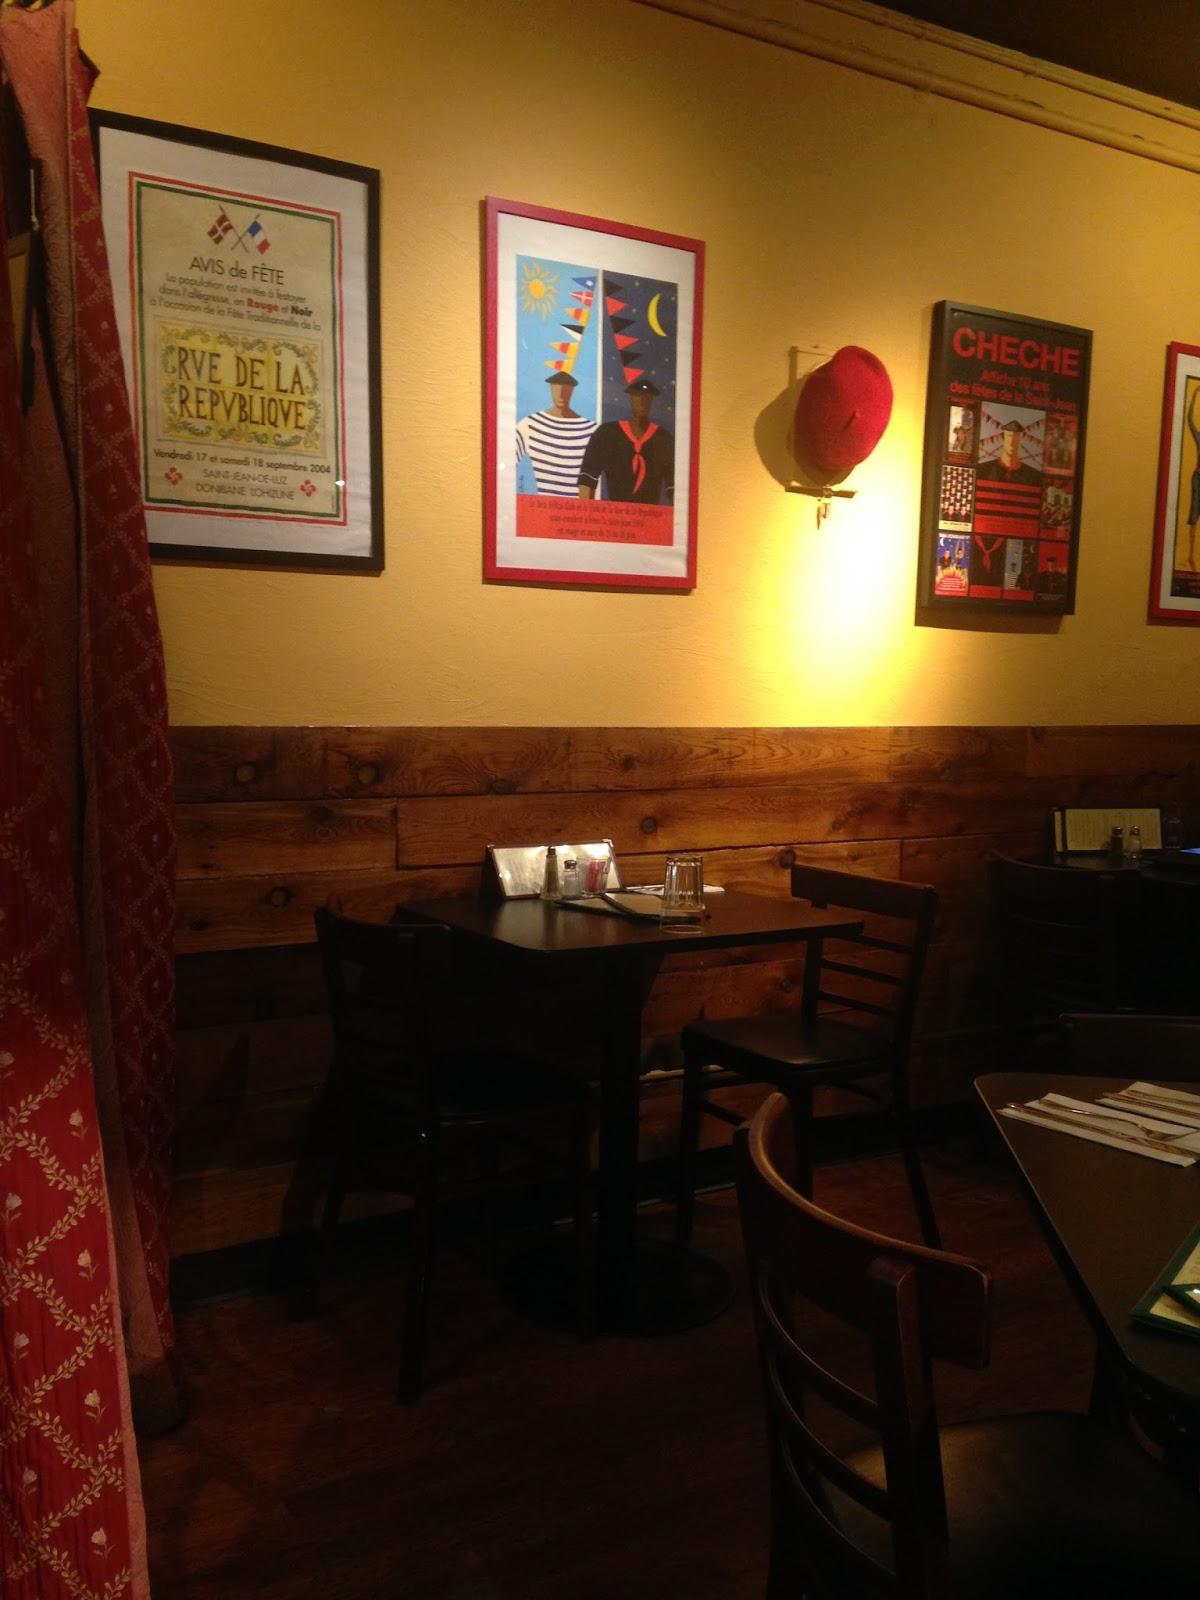 TravelValue: Restaurants Across The U.S.: November 2016